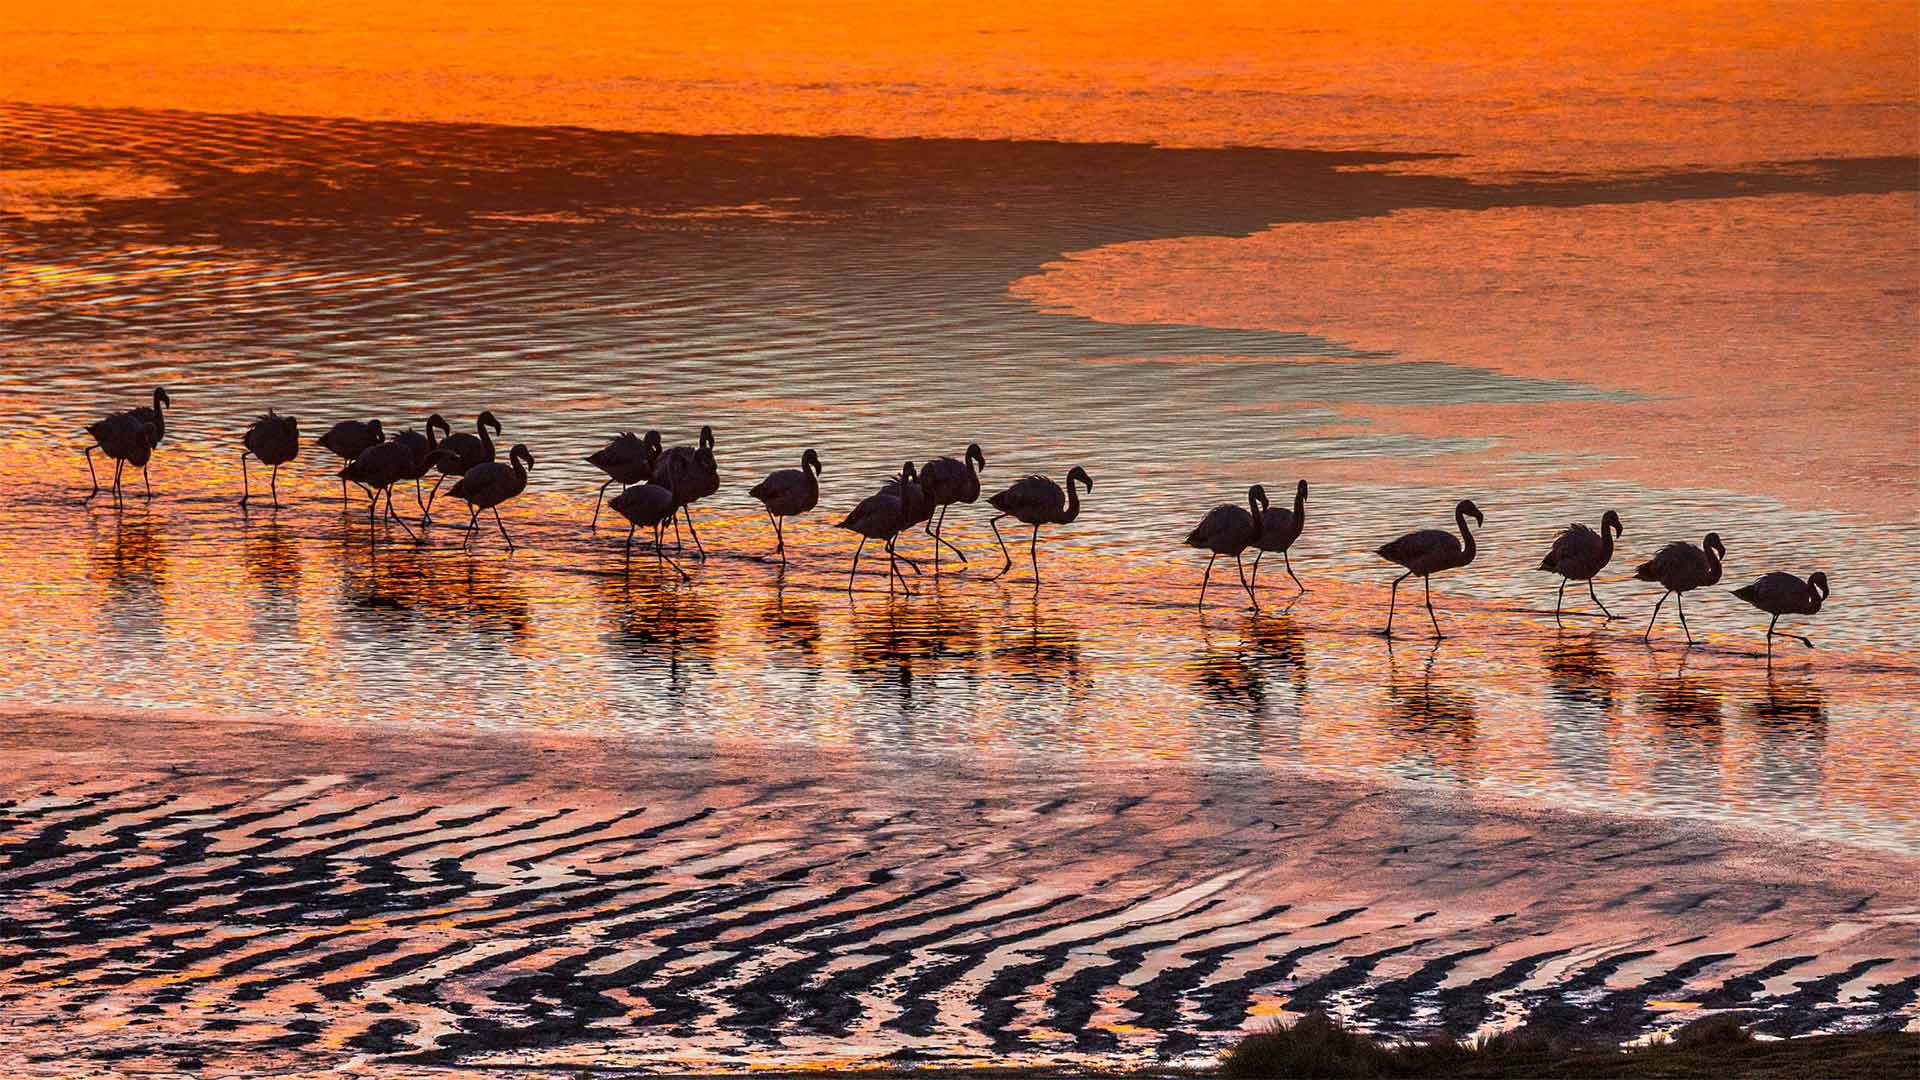 爱德阿都·阿瓦罗·安第斯国家保护区内的火烈鸟,玻利维亚